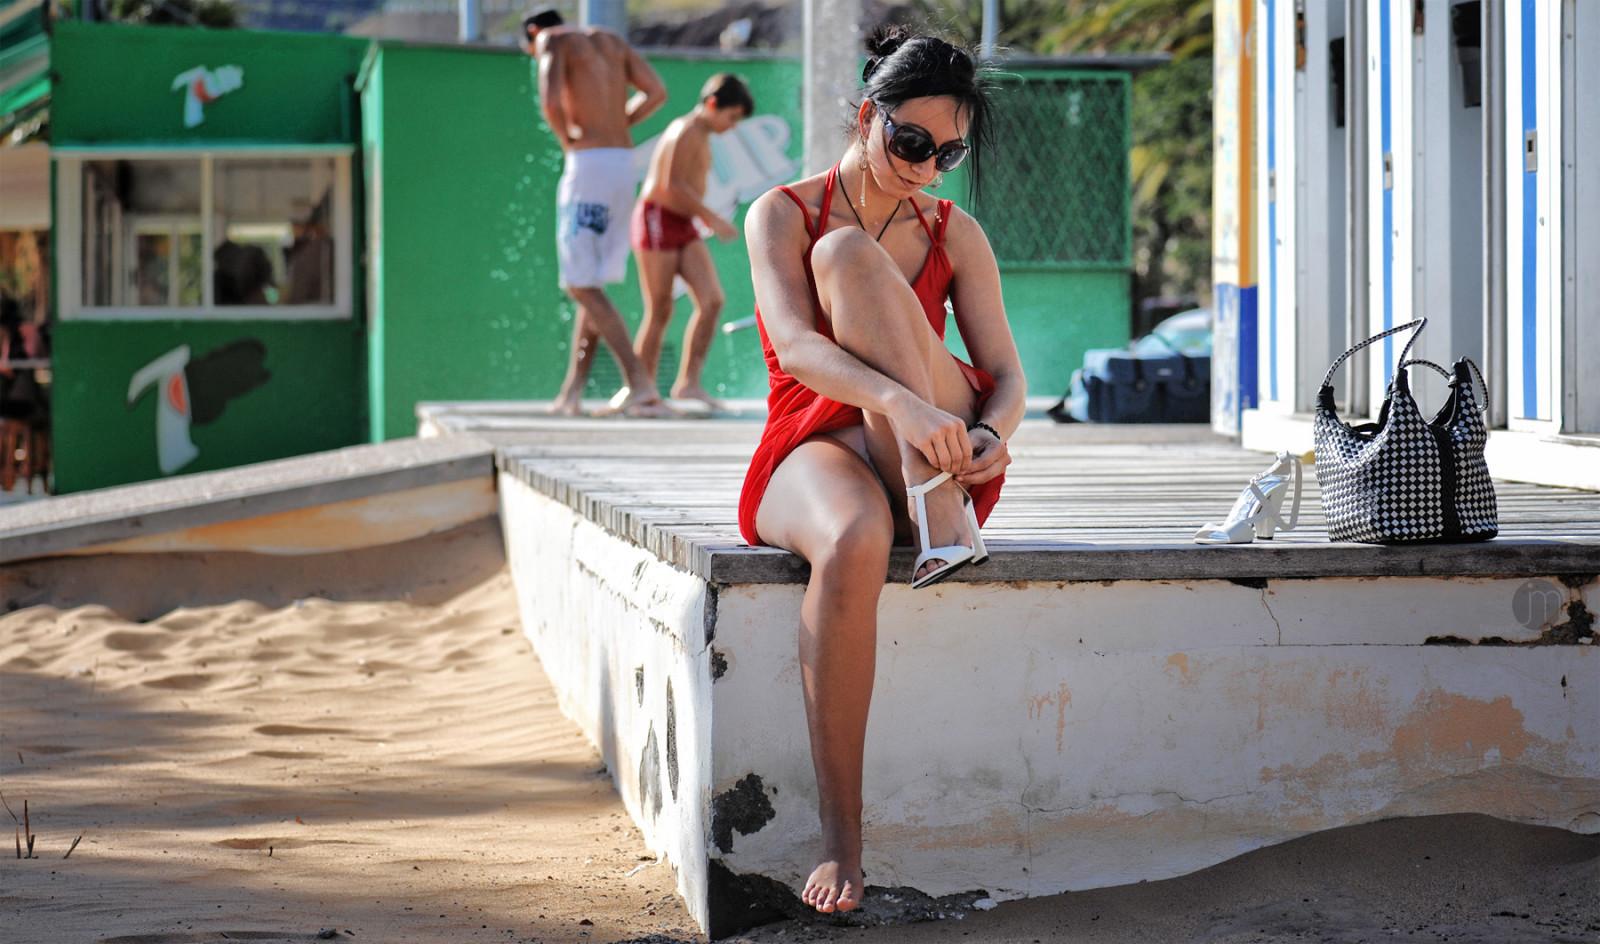 Adult euro bikini models